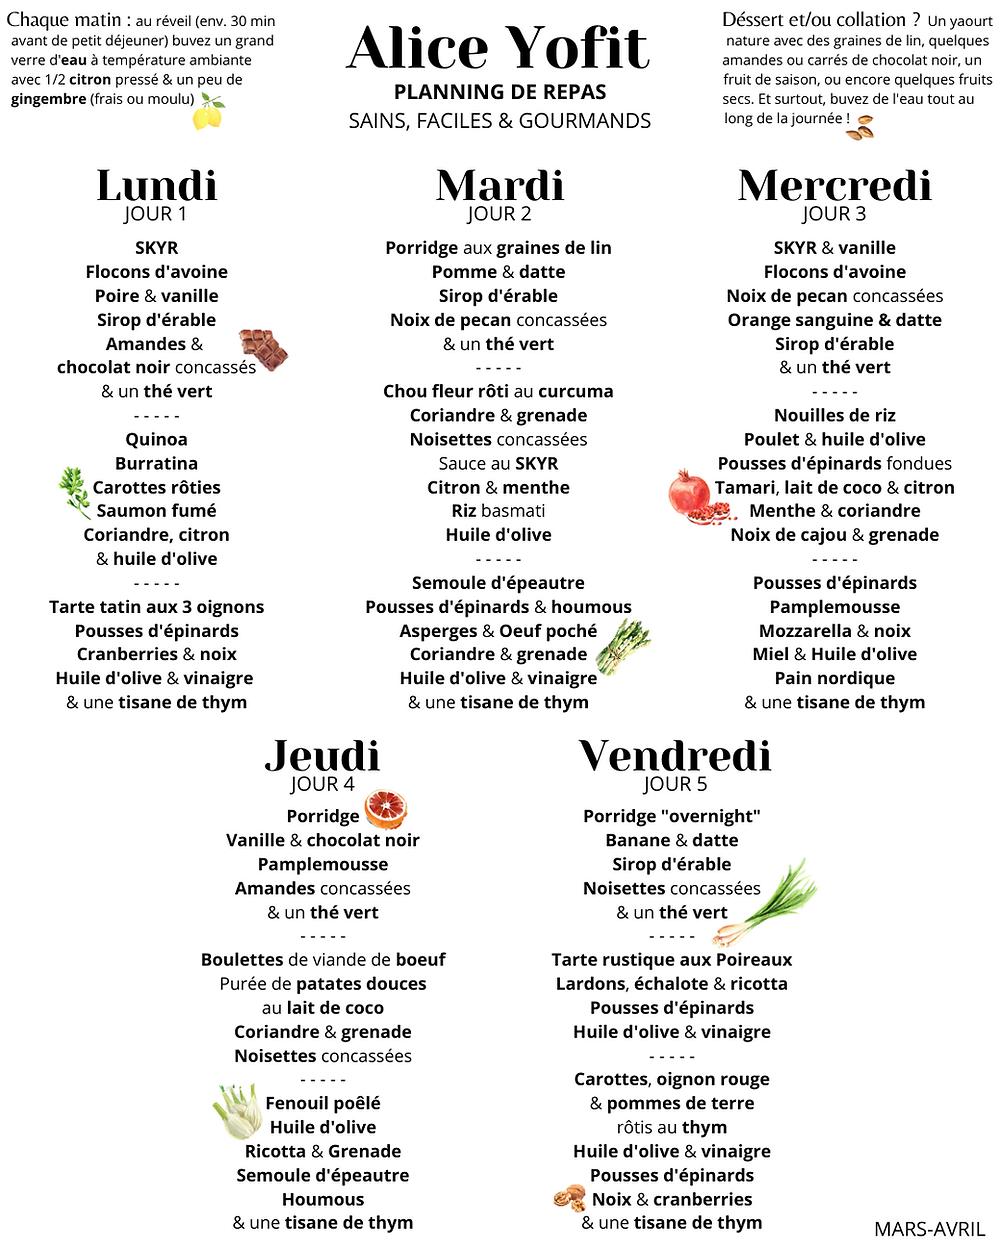 PLANNING FOOD : 5 jours de repas sains, faciles & gourmands !